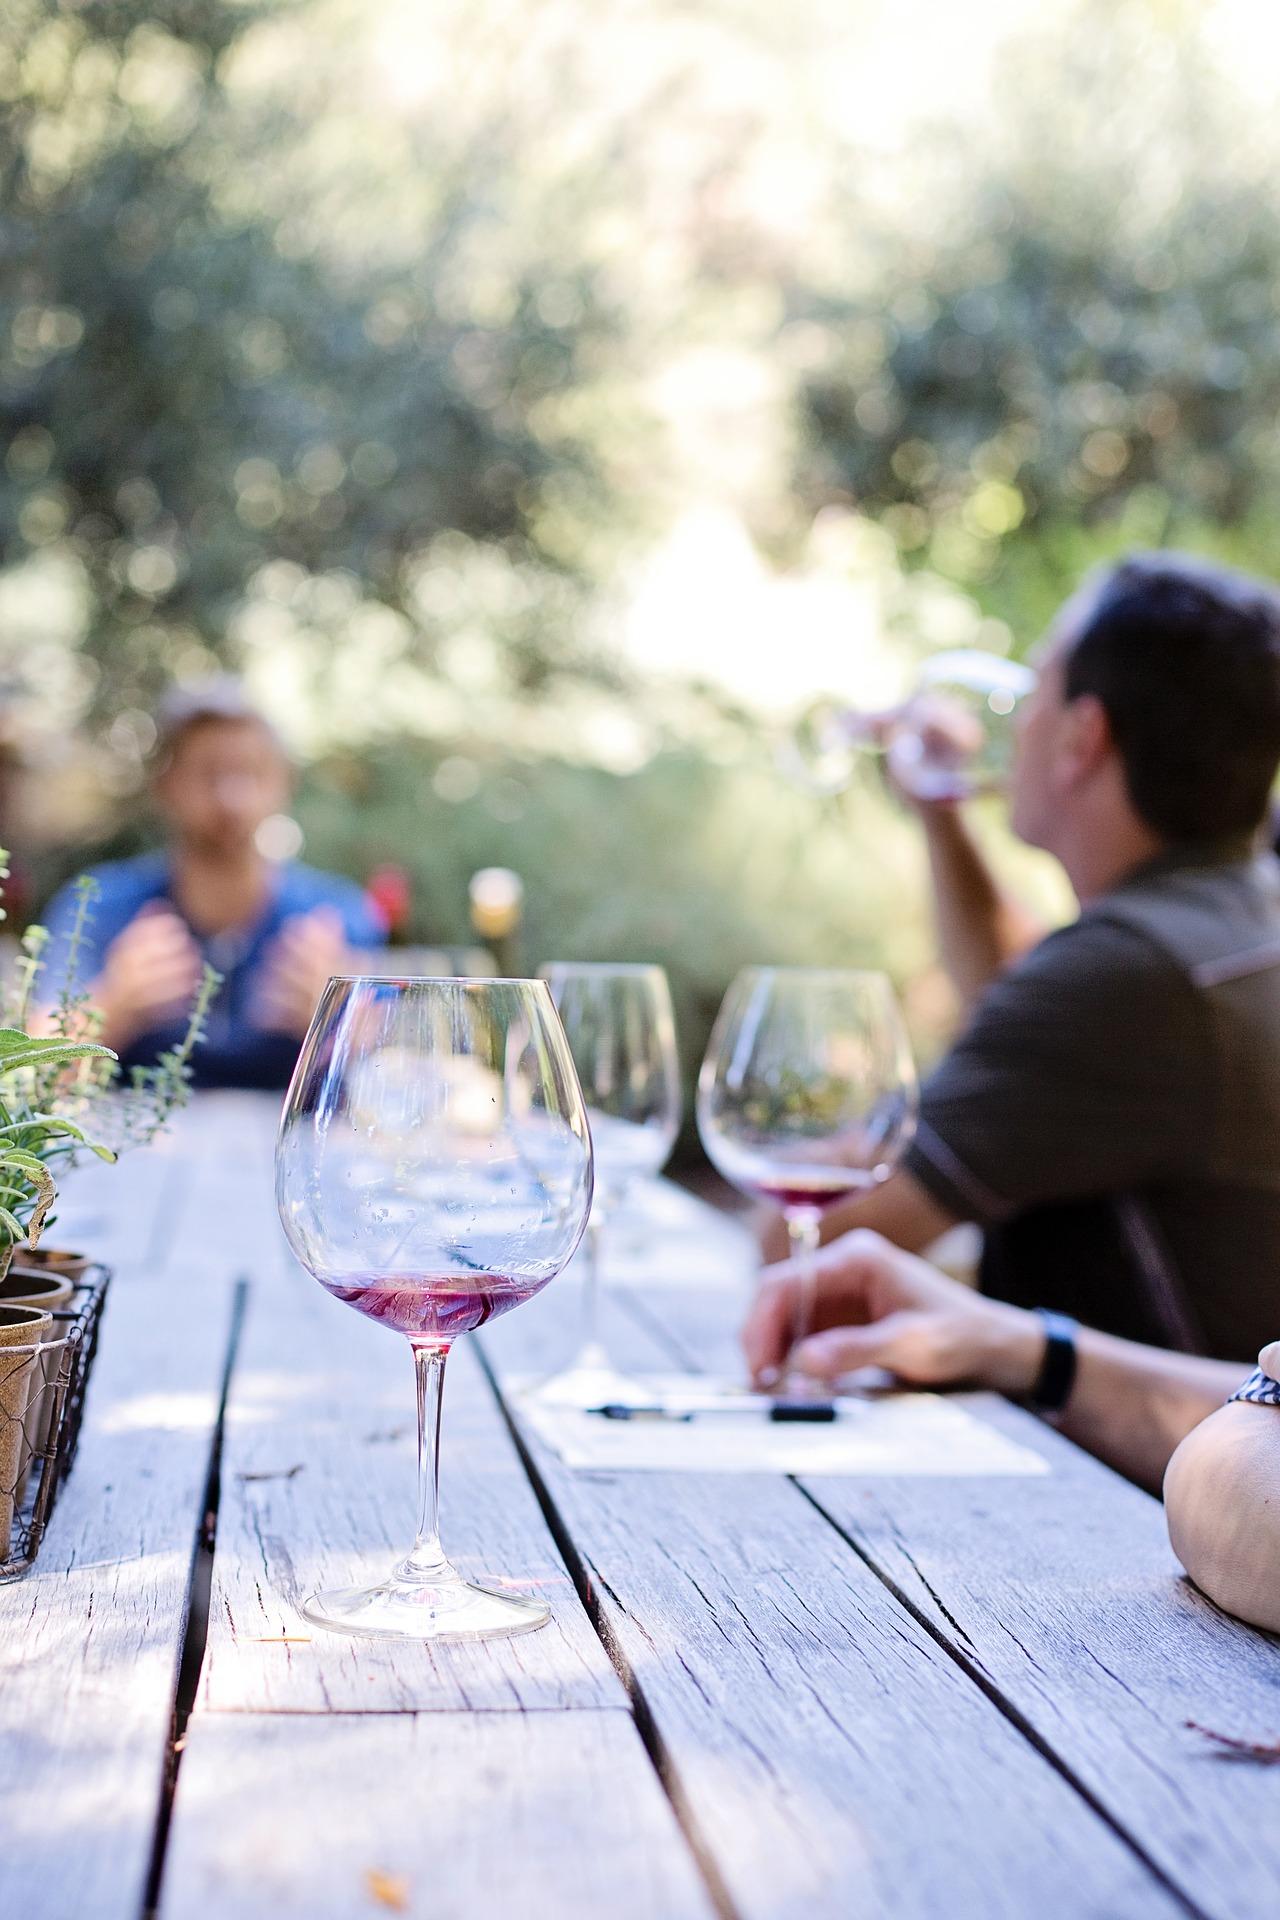 Comment apprendre à déguster un vin? 1